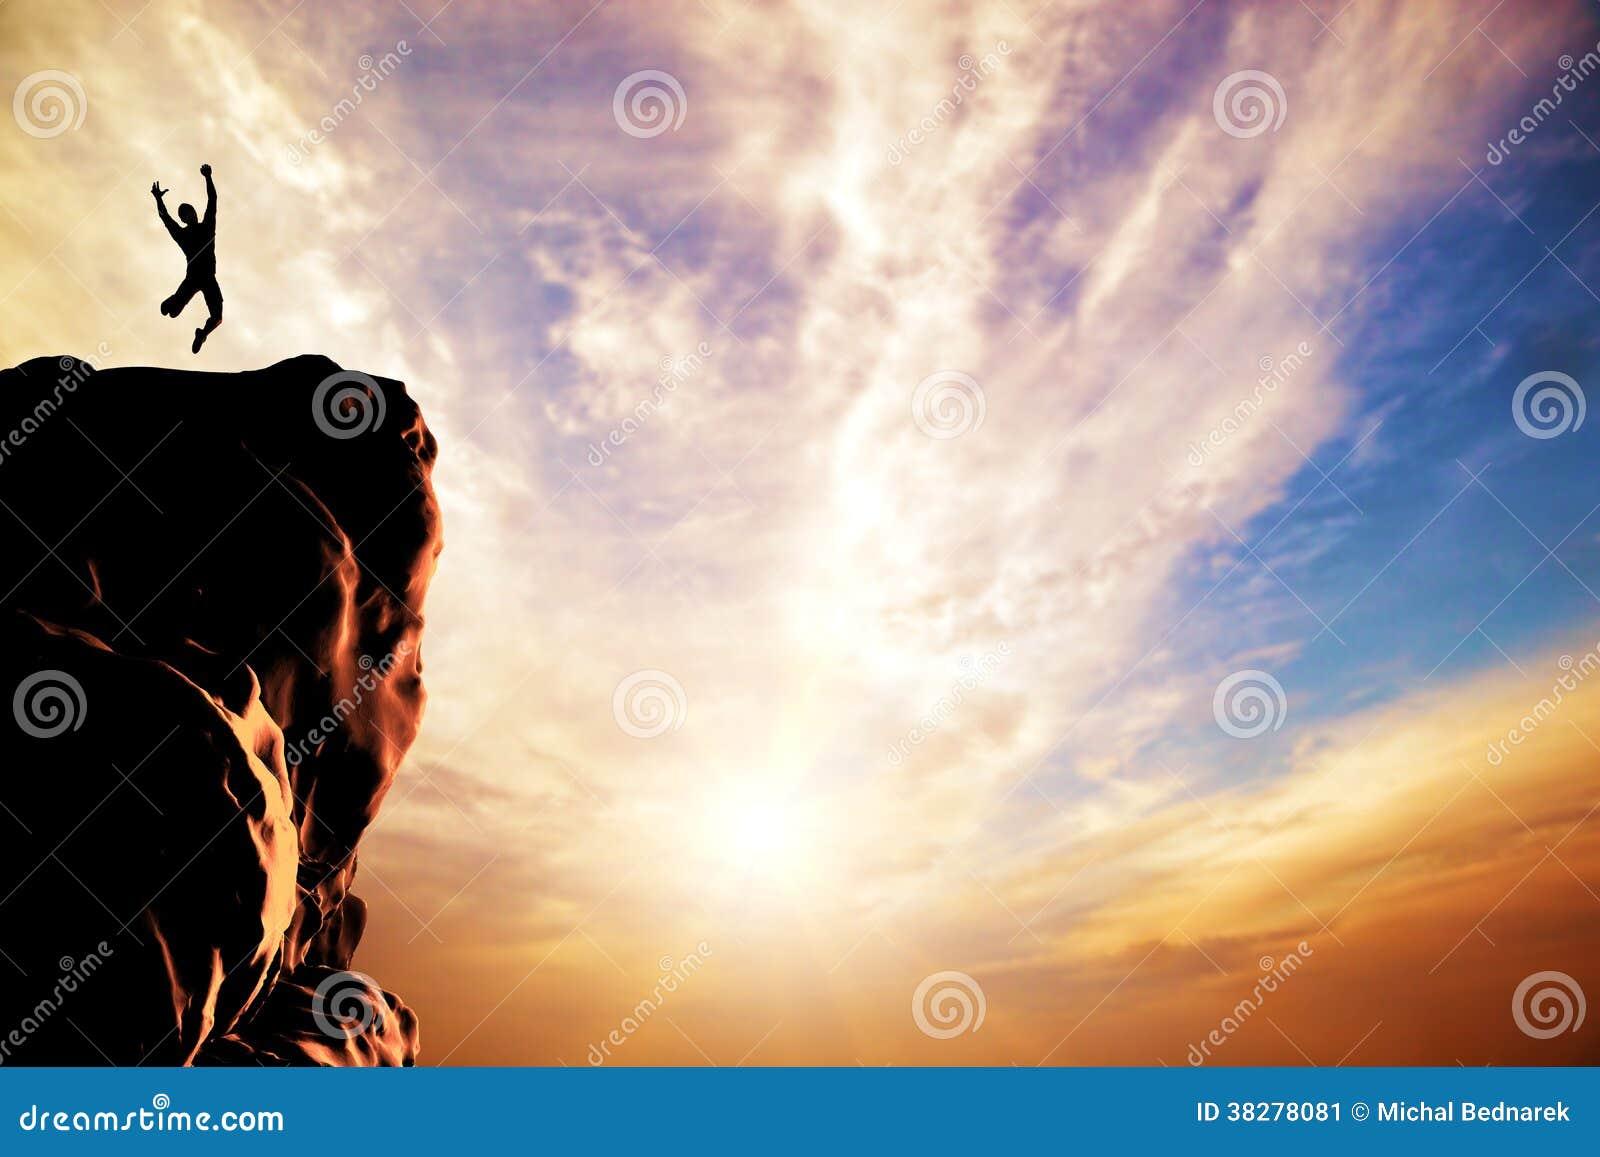 跳跃为在山的峰顶的喜悦的一个人